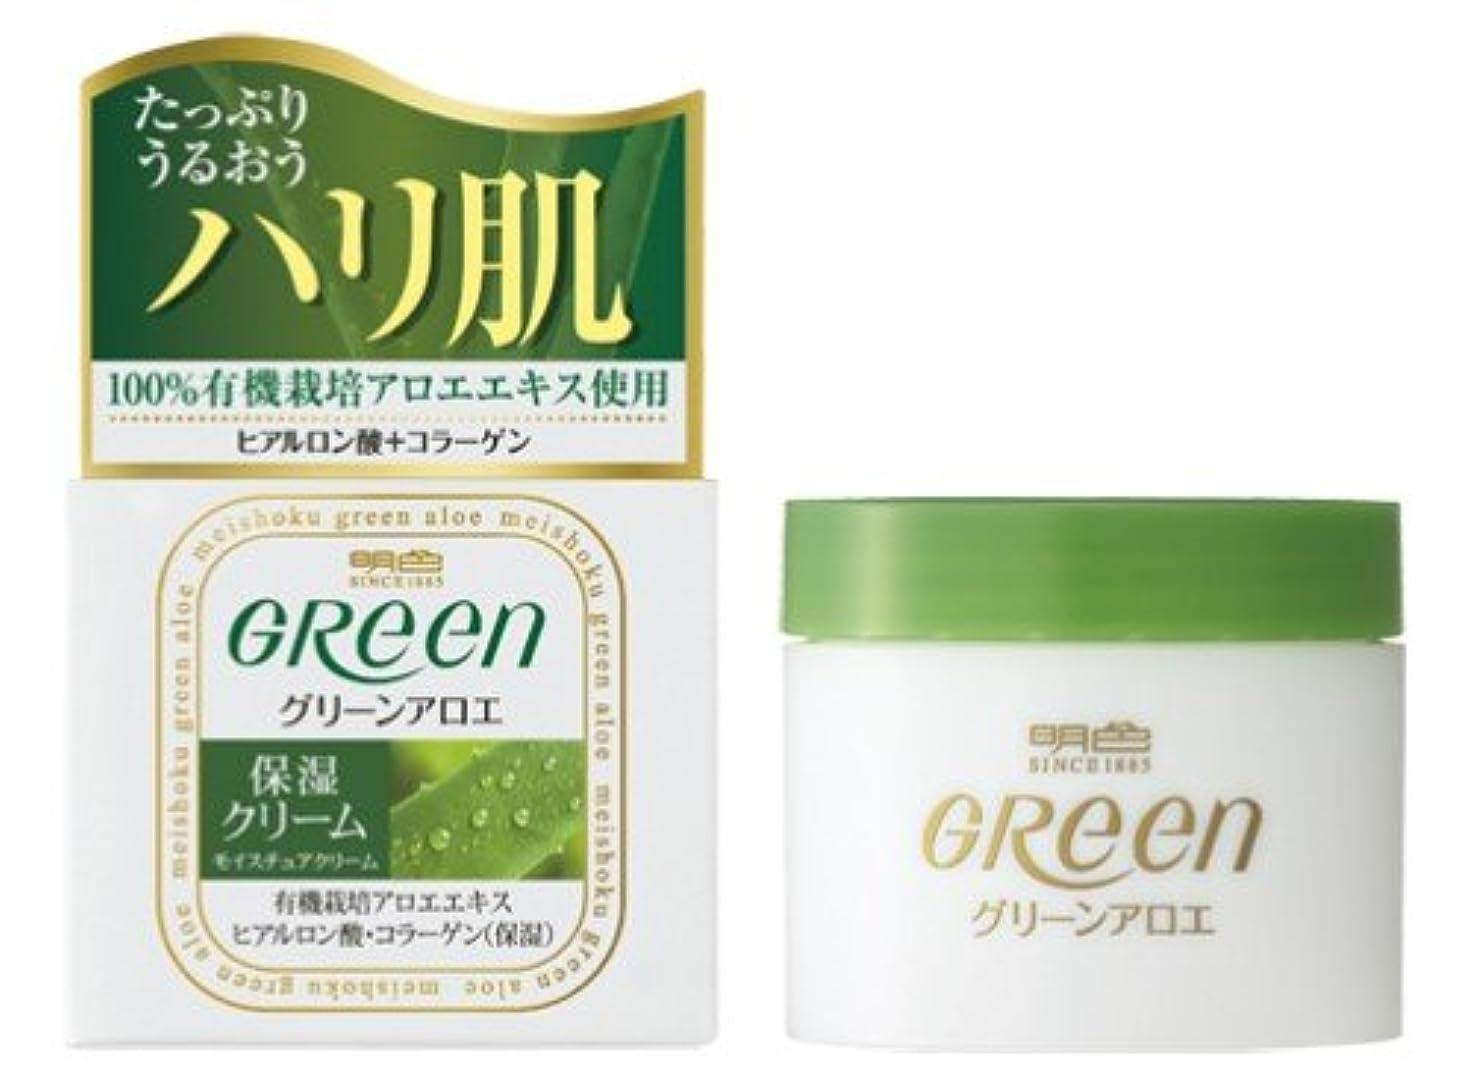 に勝るコンパイル美容師明色グリーン モイスチュアクリーム 48G